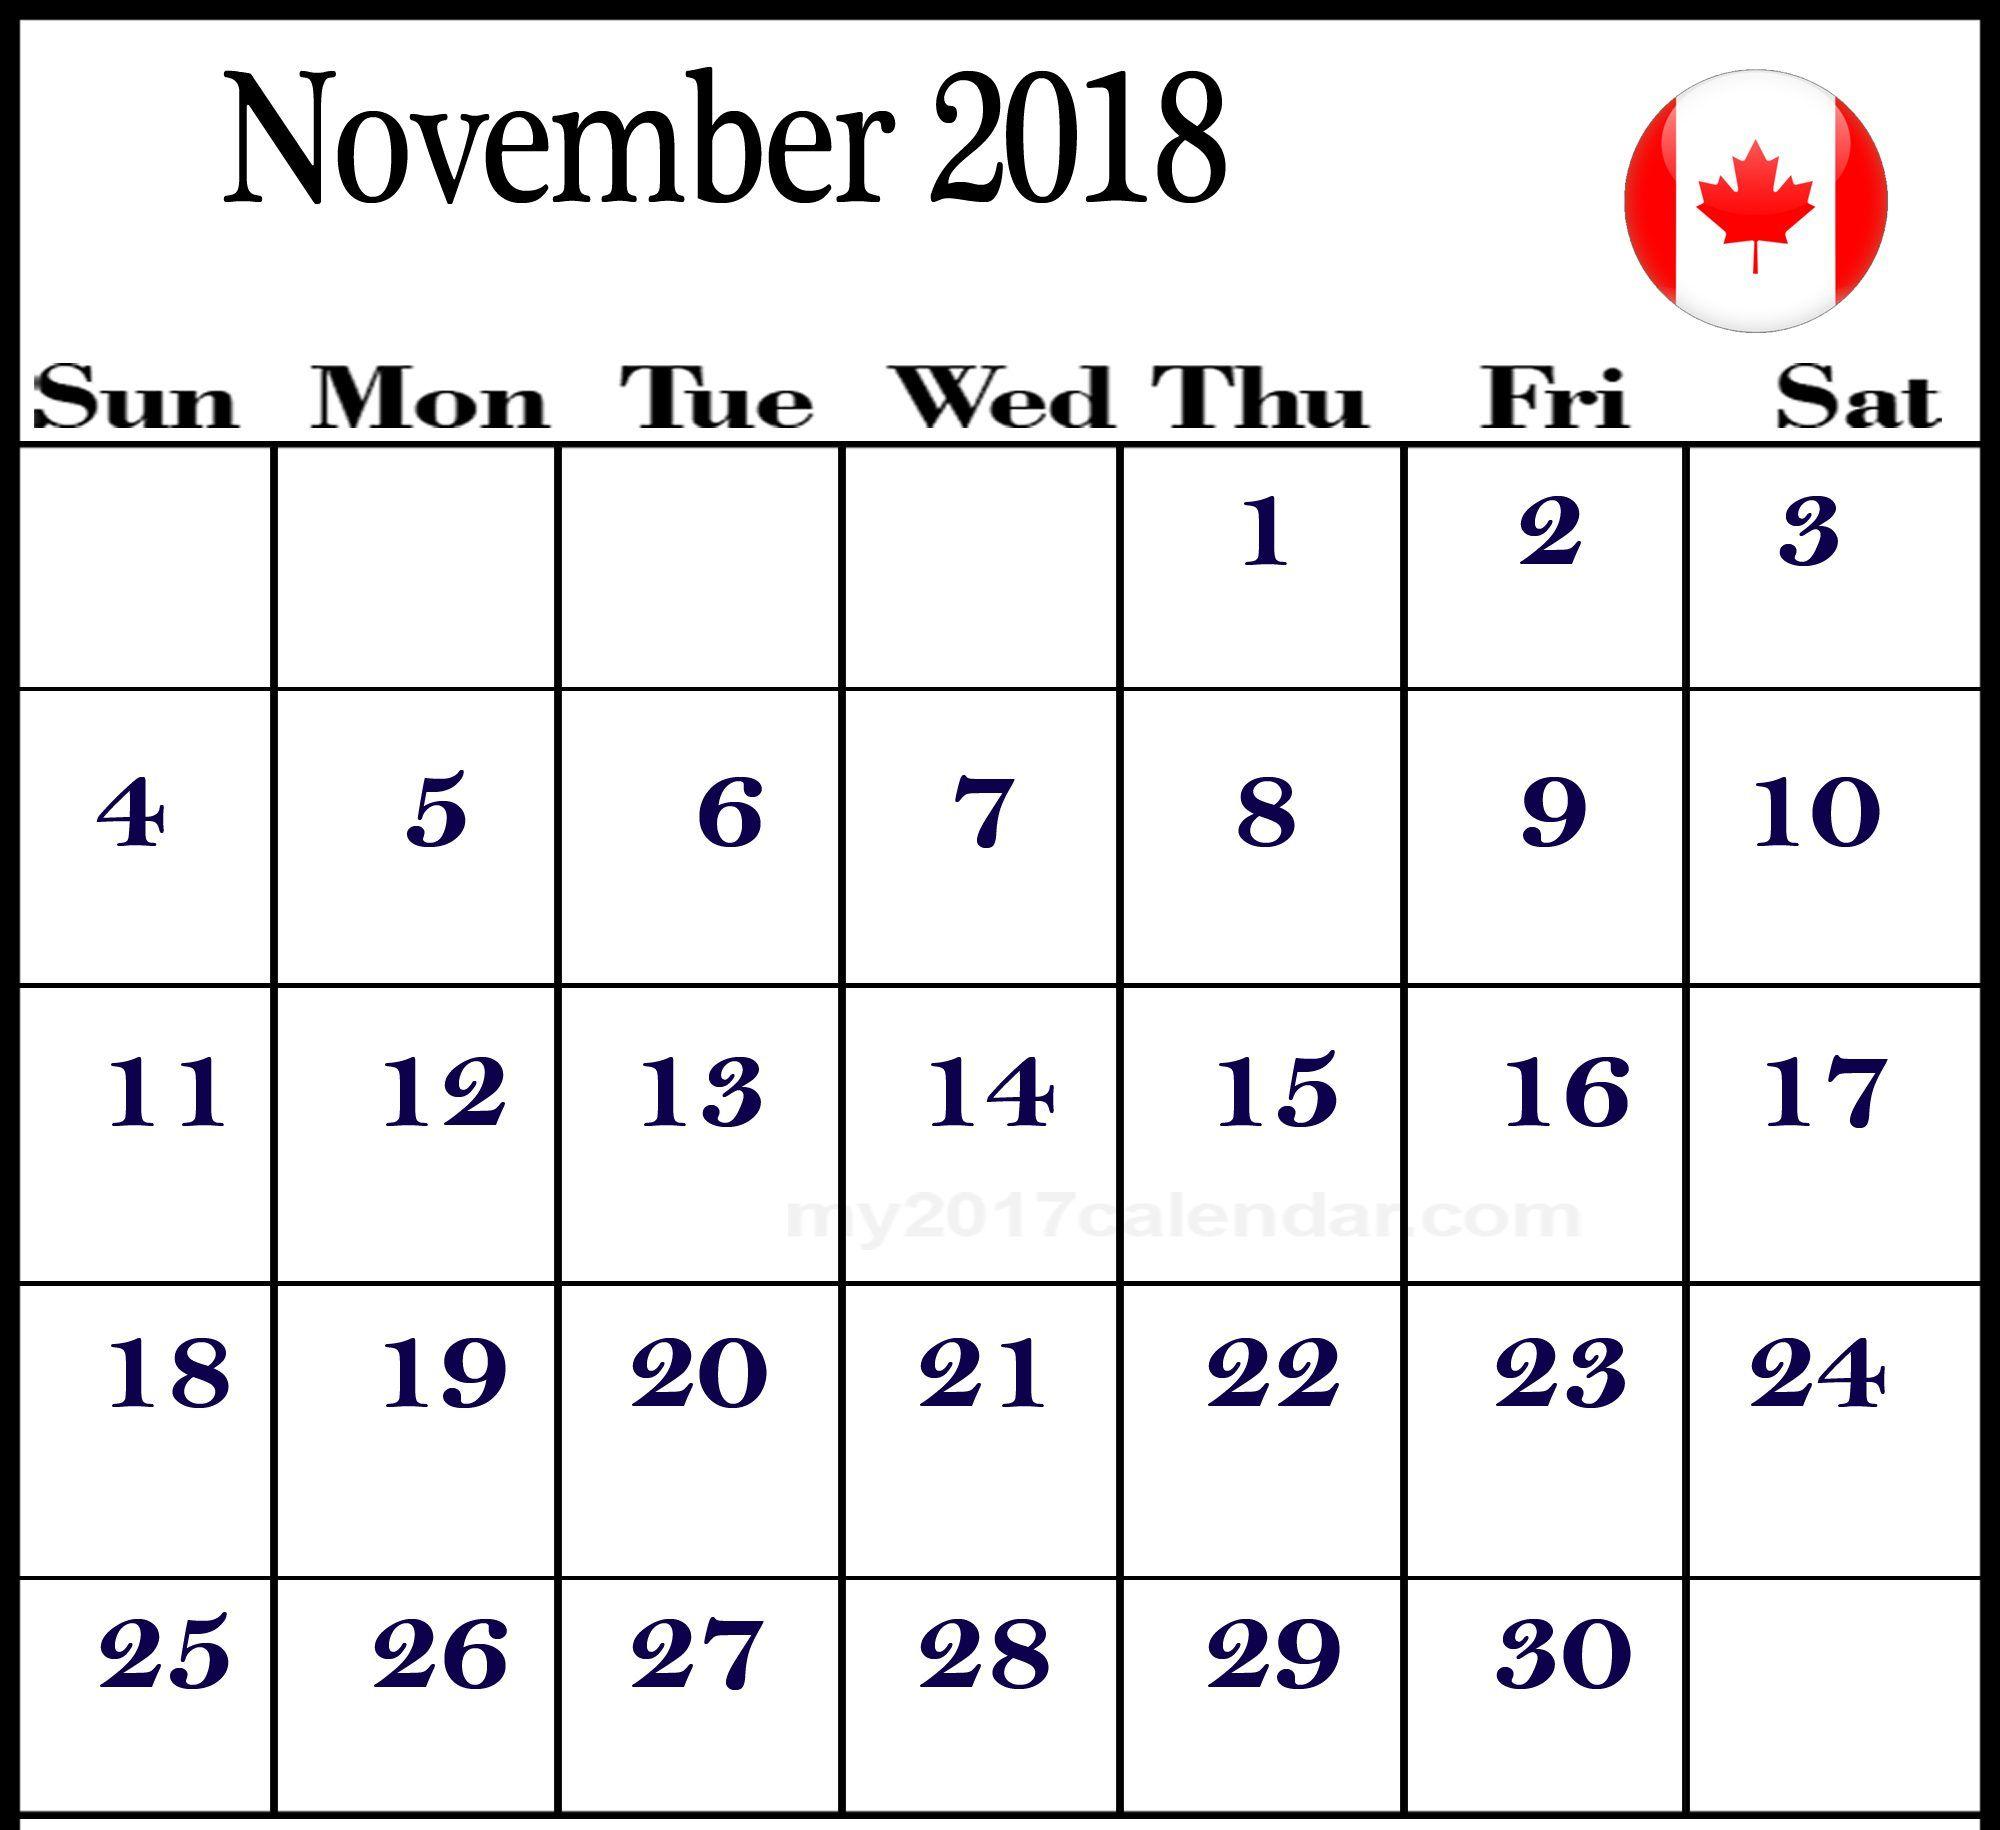 November 2018 Calendar Canada Template November 2018 Calendar